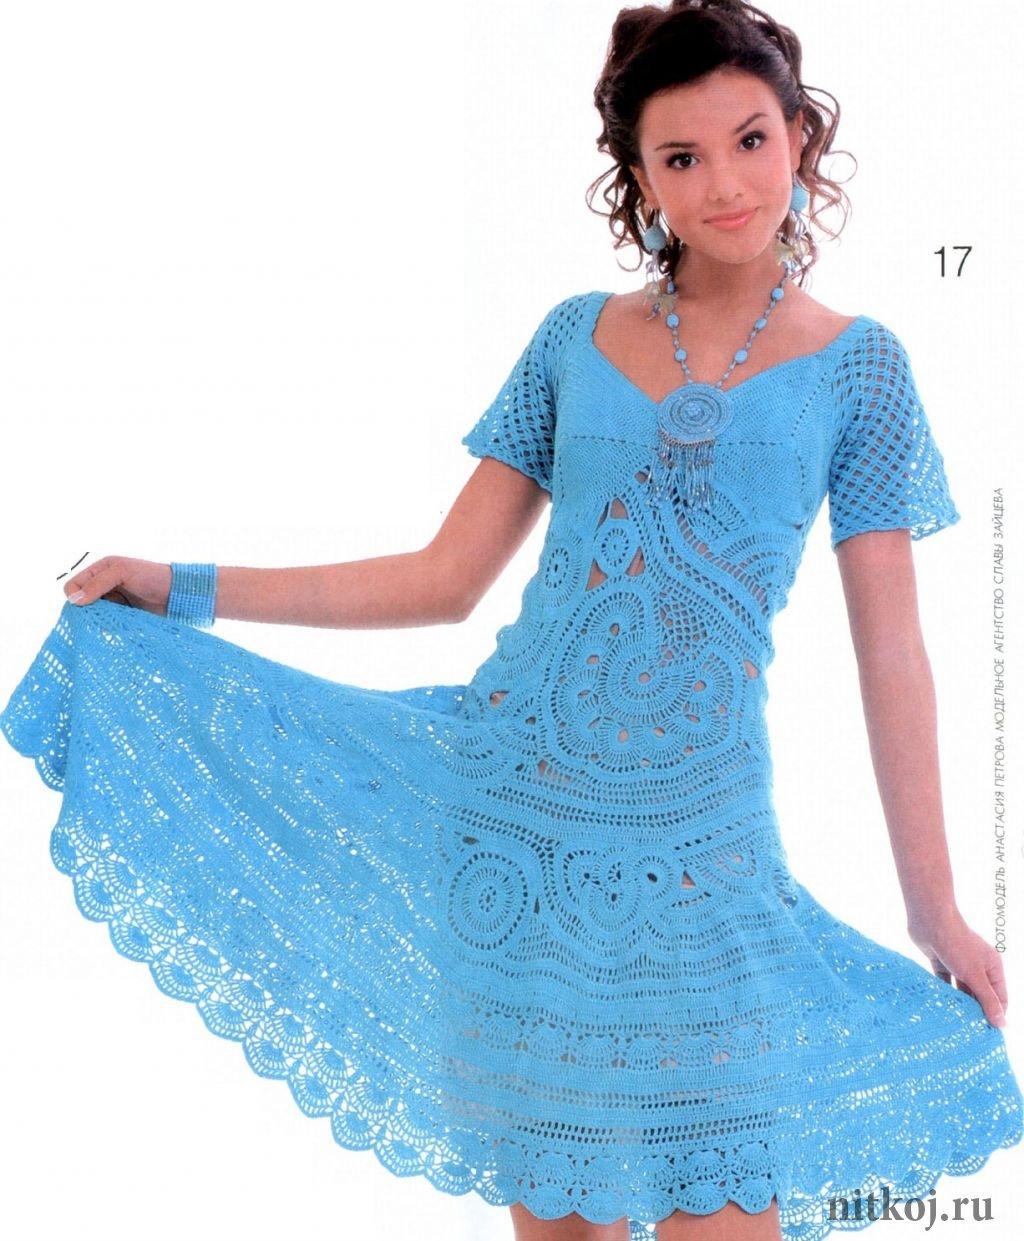 Вязание платьев модели